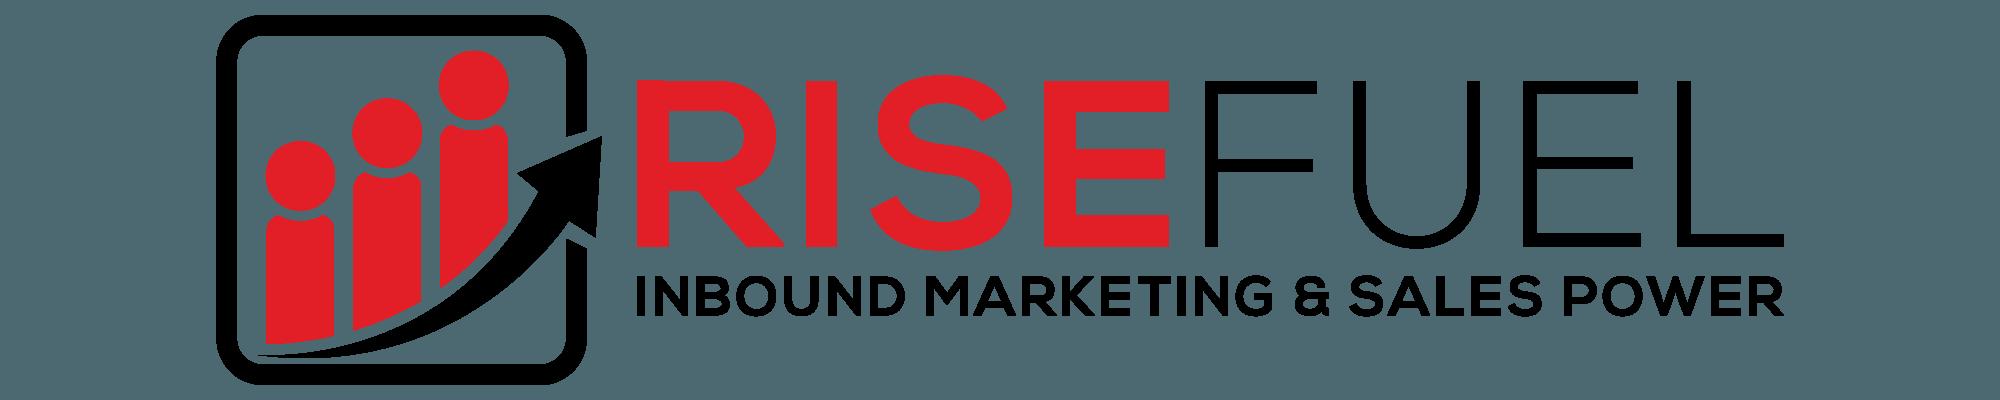 RiseFuel-Revenue Power